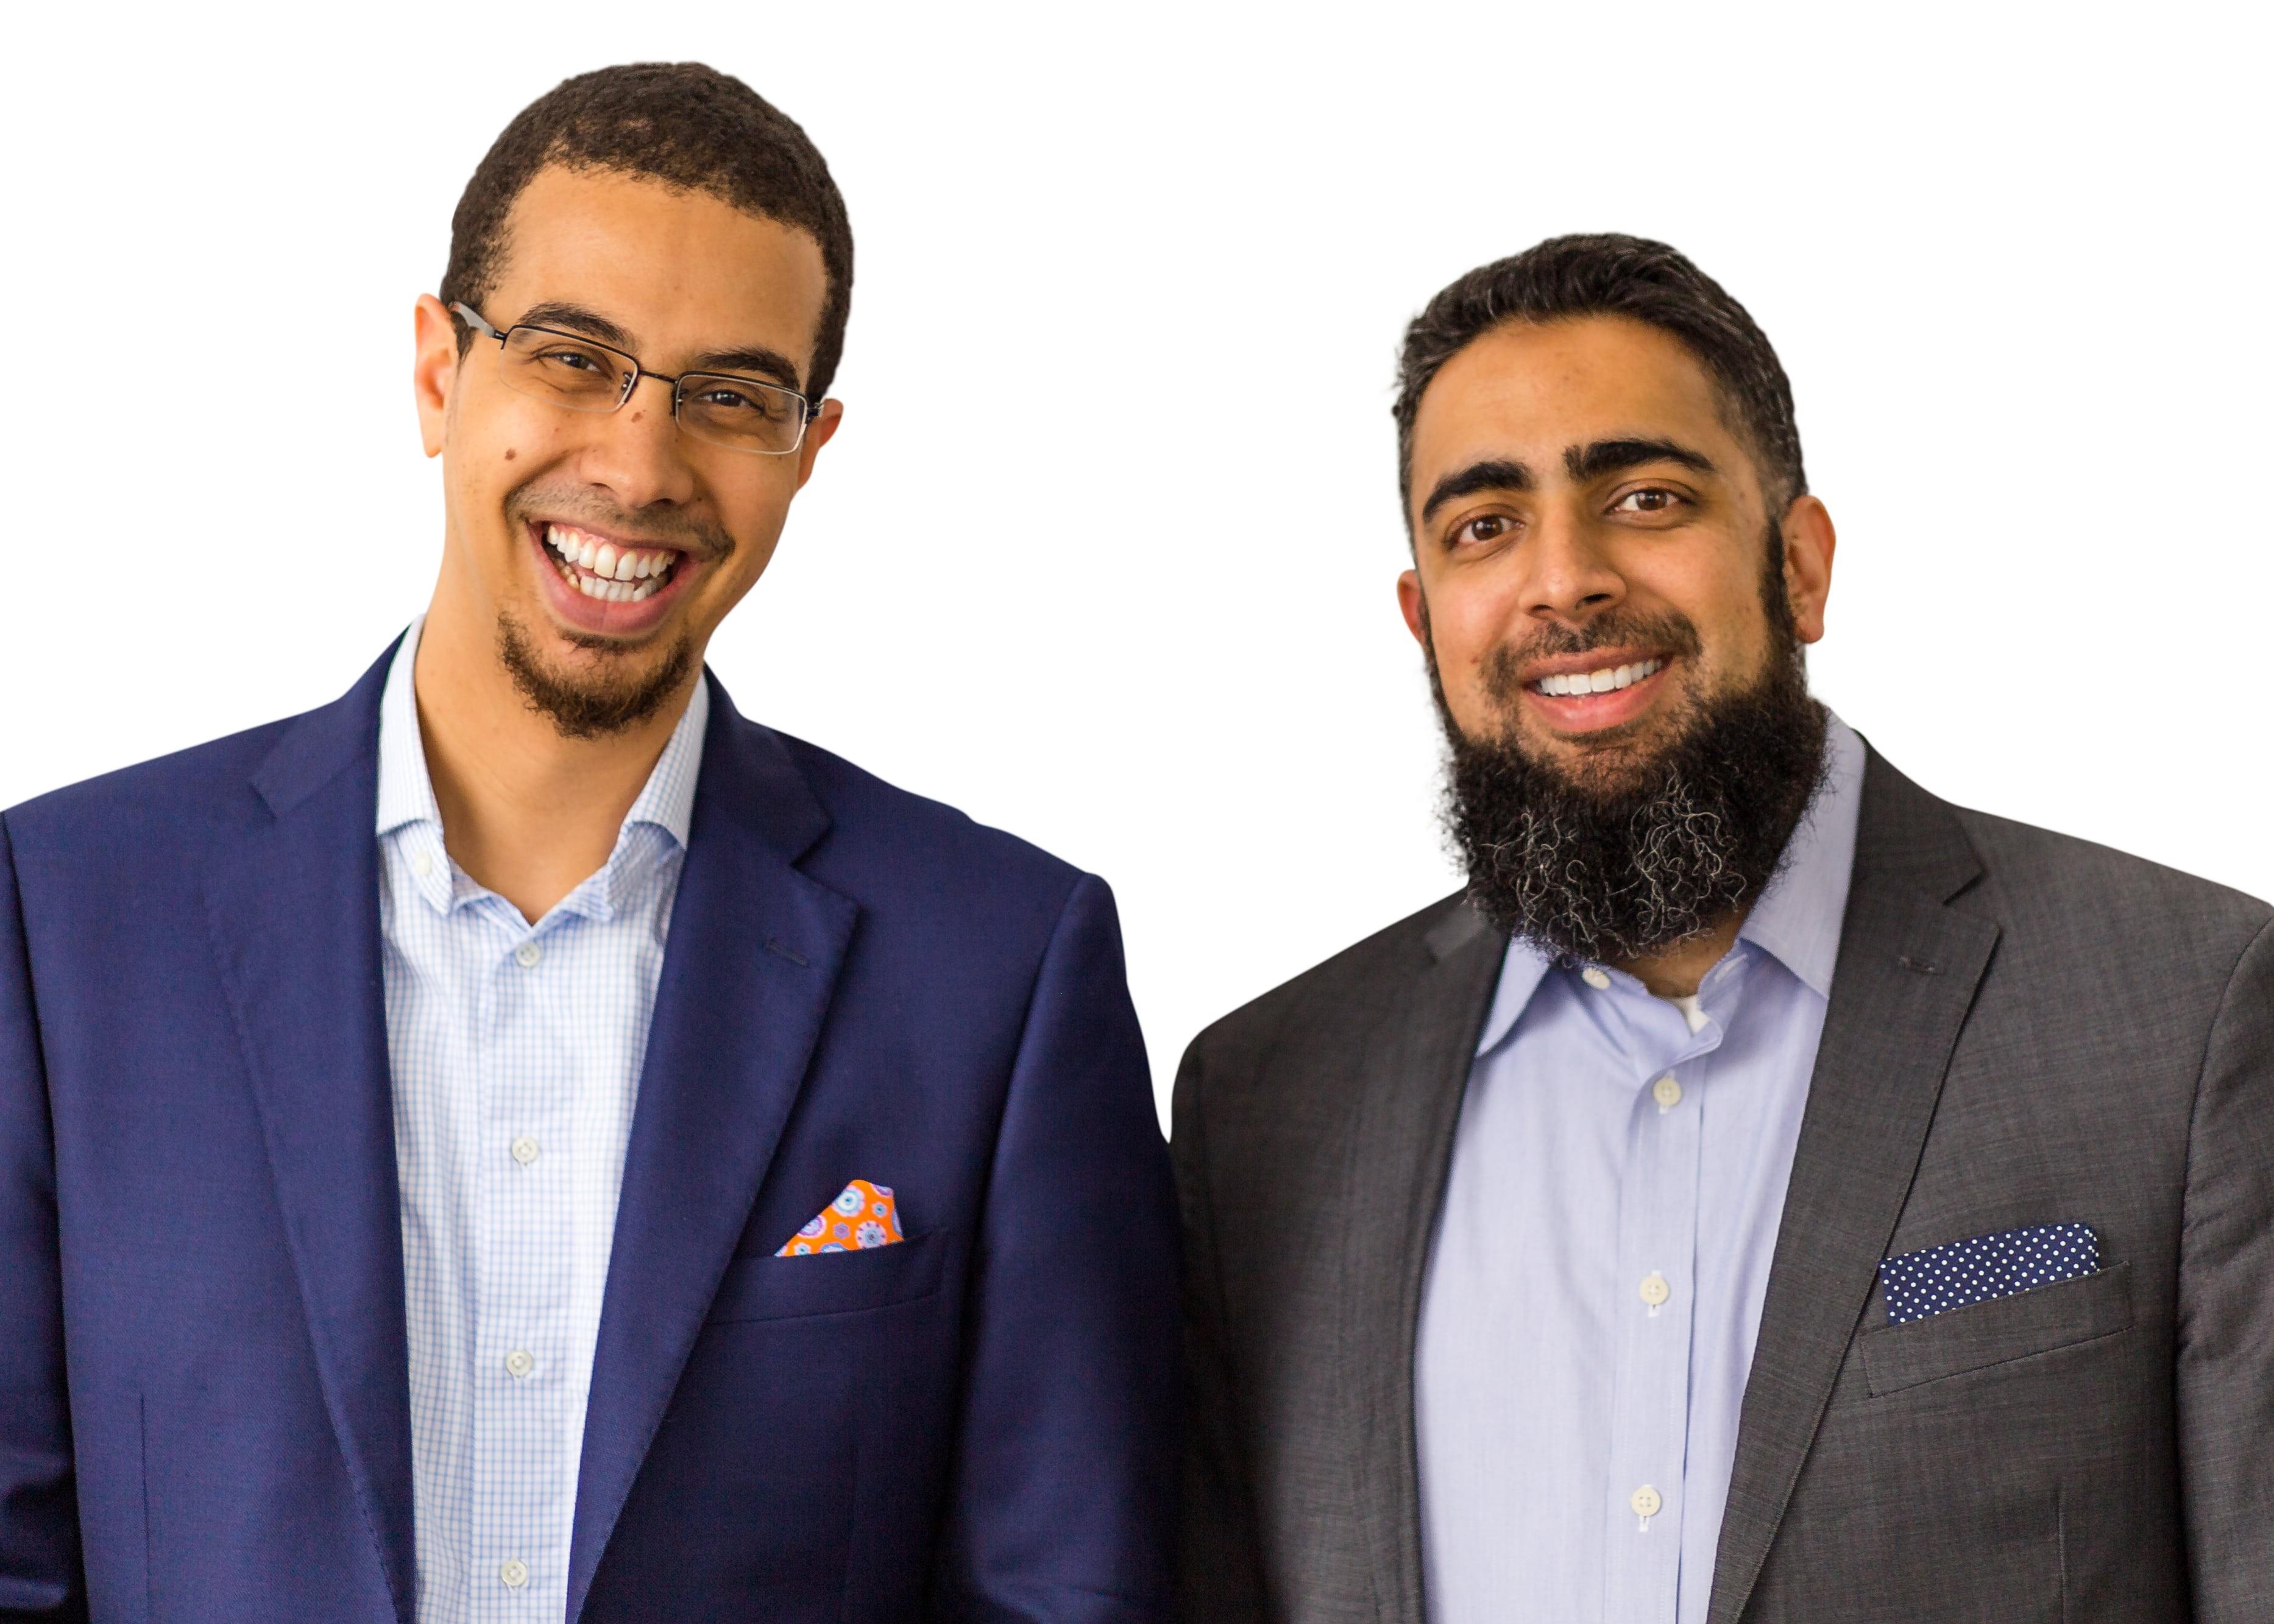 Mohammed Faris & Omar Usman